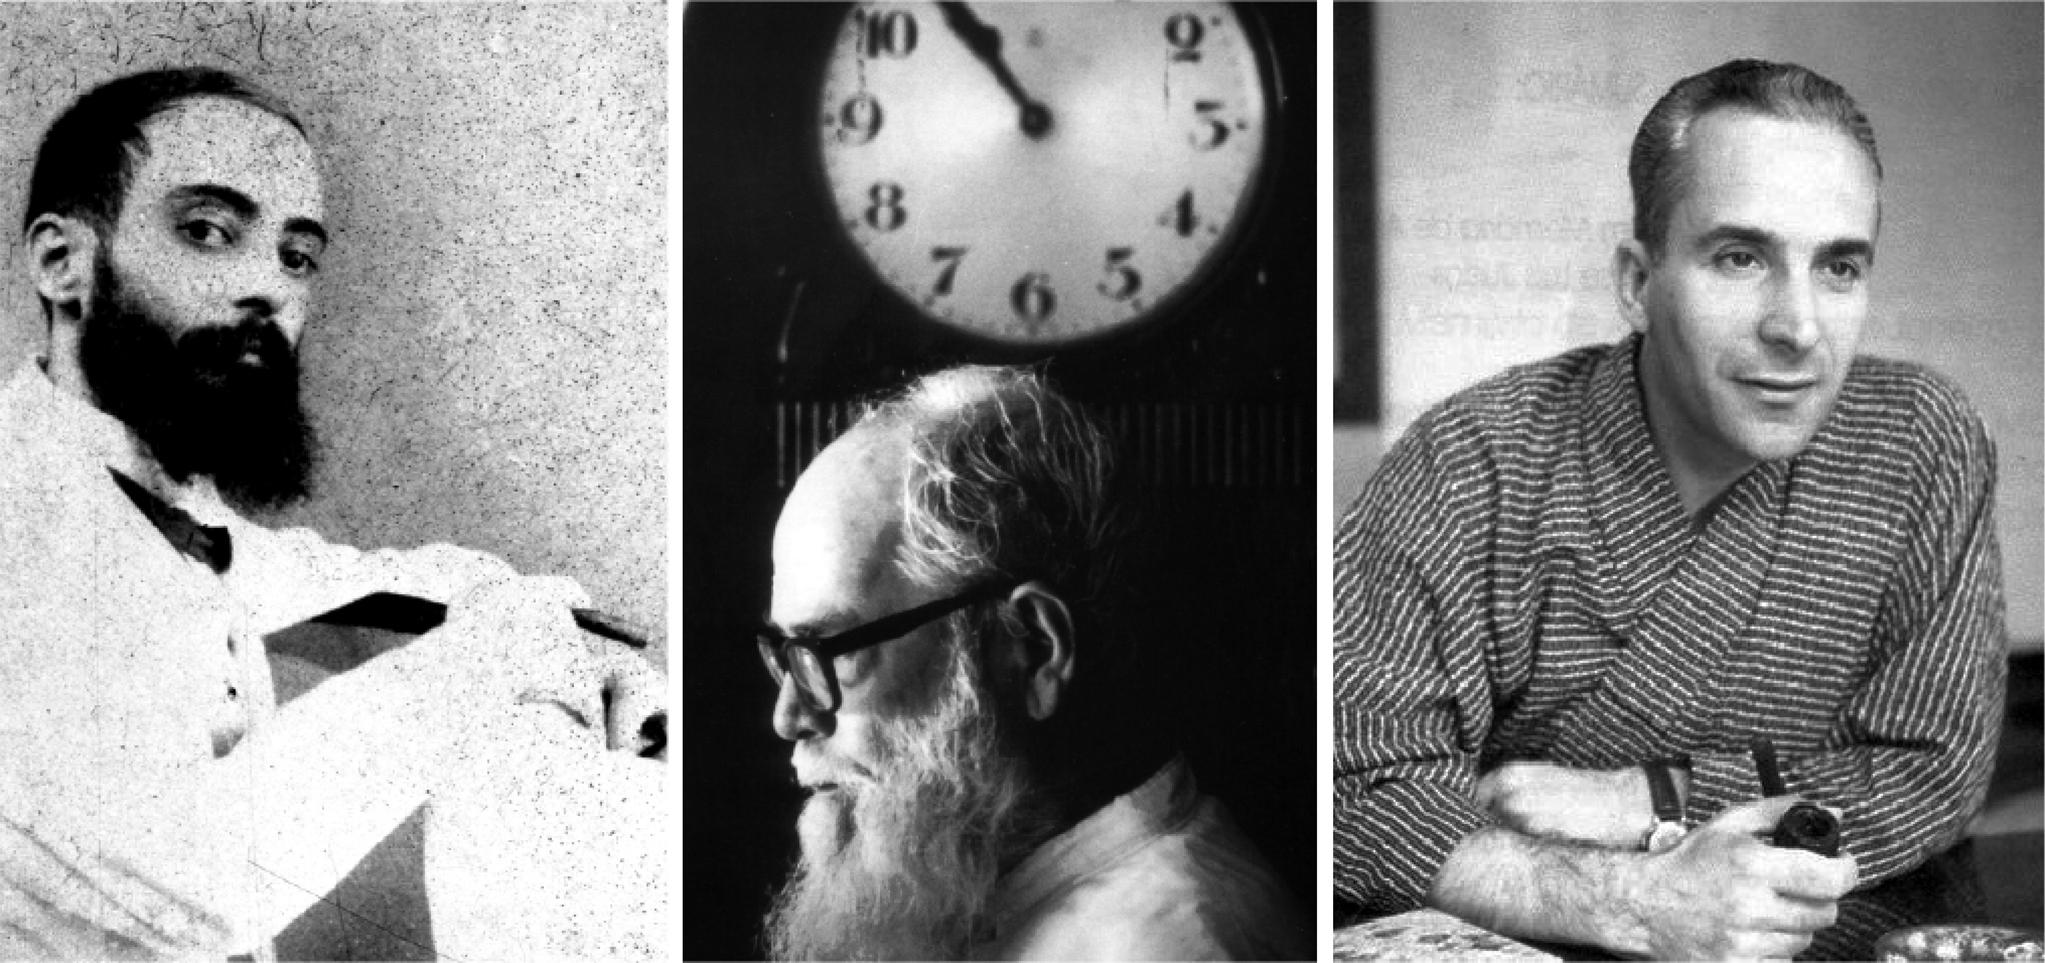 Três amigos, Camilo Pessanha, Padre Manuel Teixeira e Armando Martins Janeira